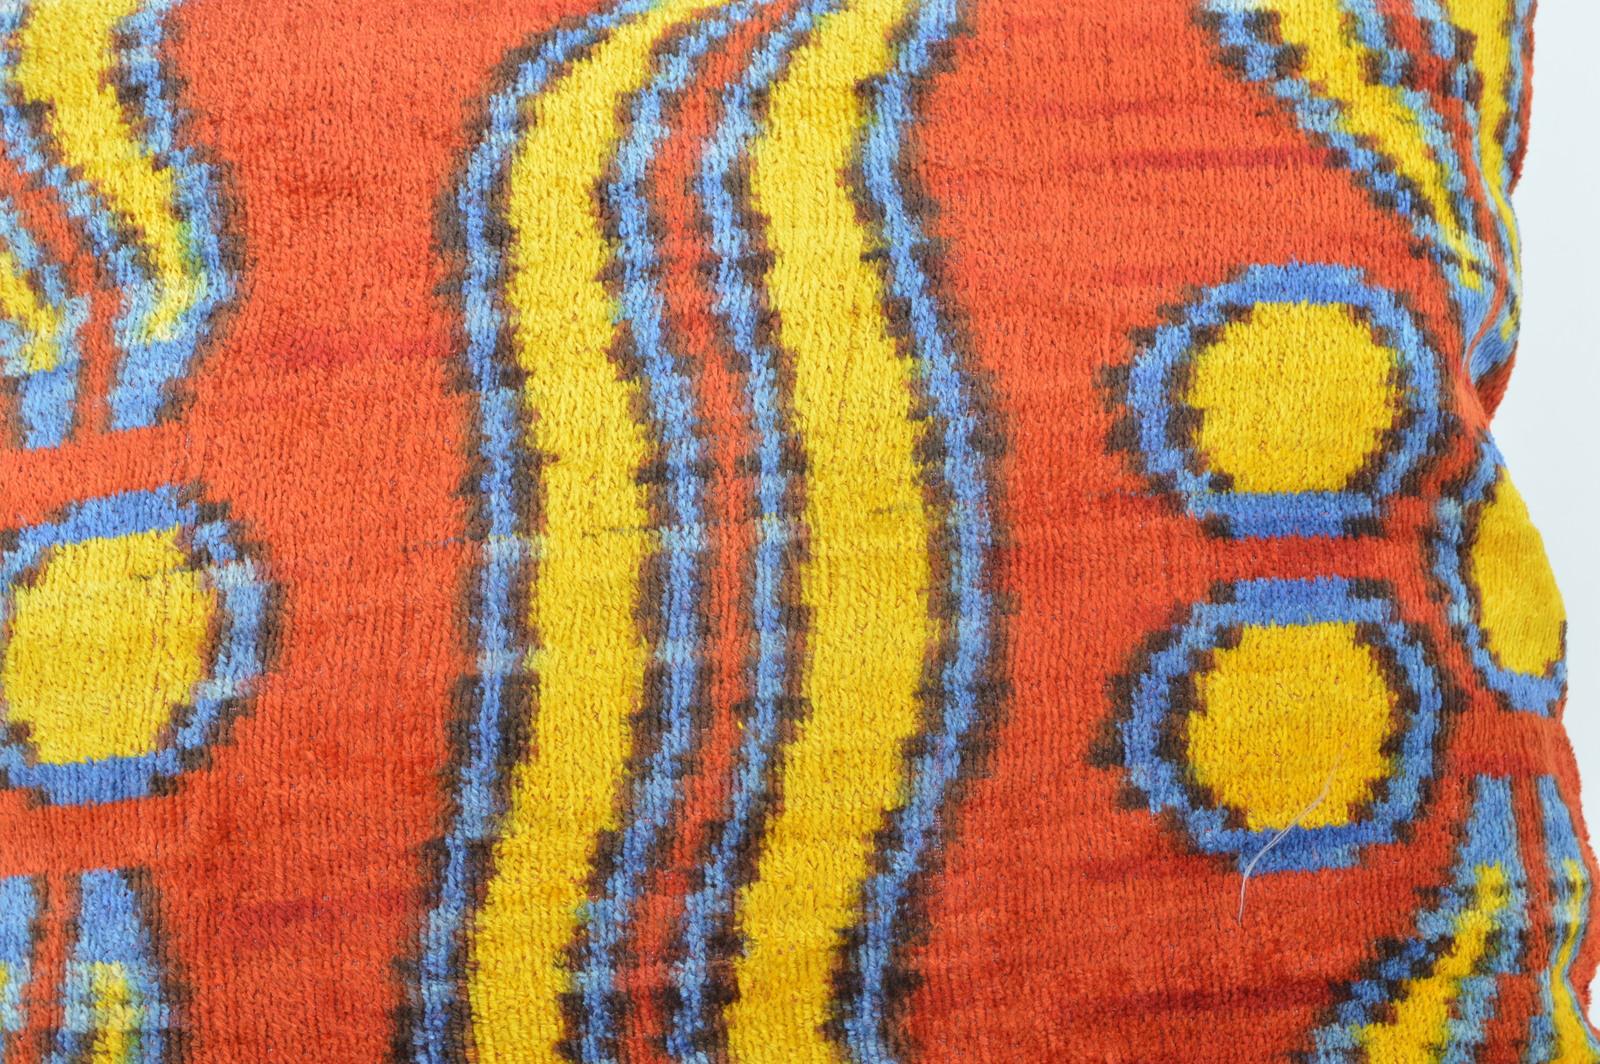 16x16 Ikat cushion Decorative ıkat cusihon  pillow ikat silk pillow 16x16 inch